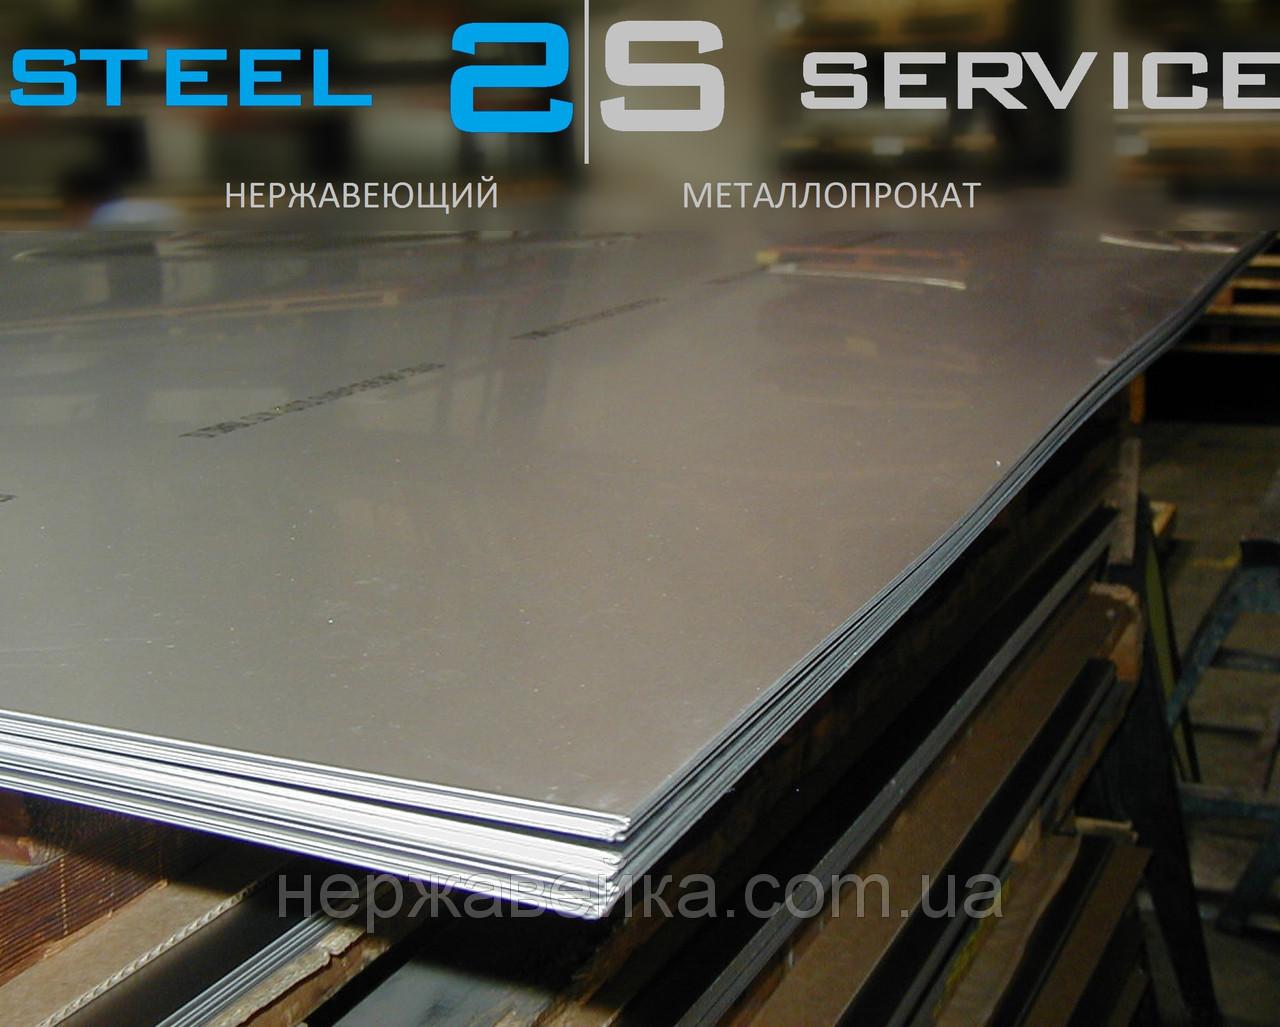 Нержавейка лист 0,8х1250х2500мм  AISI 316L(03Х17Н14М3) BA - зеркало,  кислотостойкий